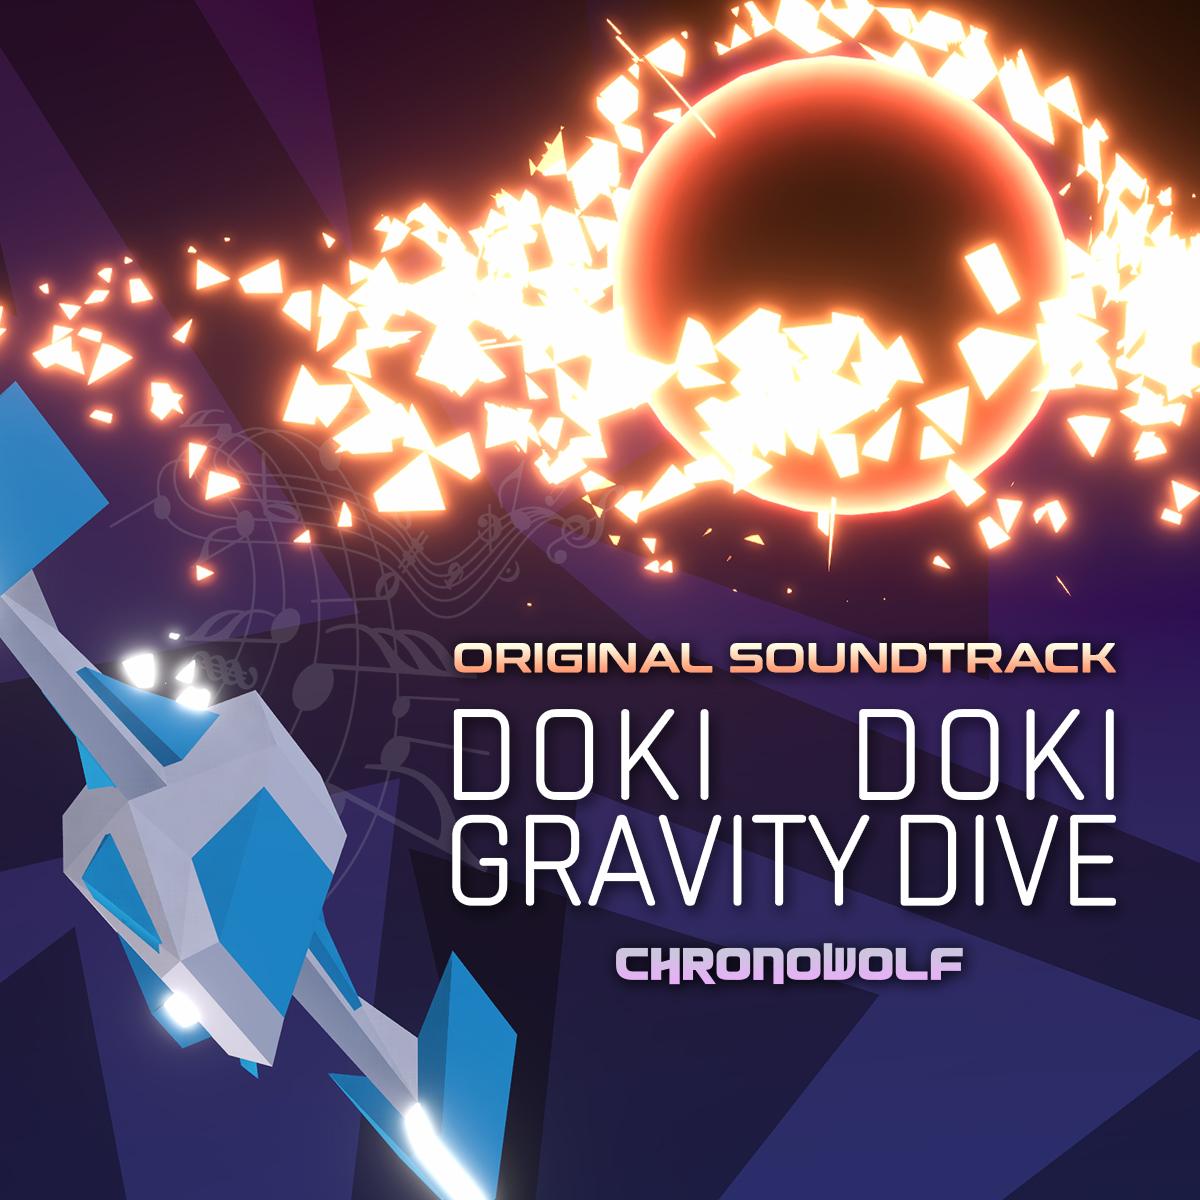 Doki Doki Gravity Dive Soundtrack album cover art